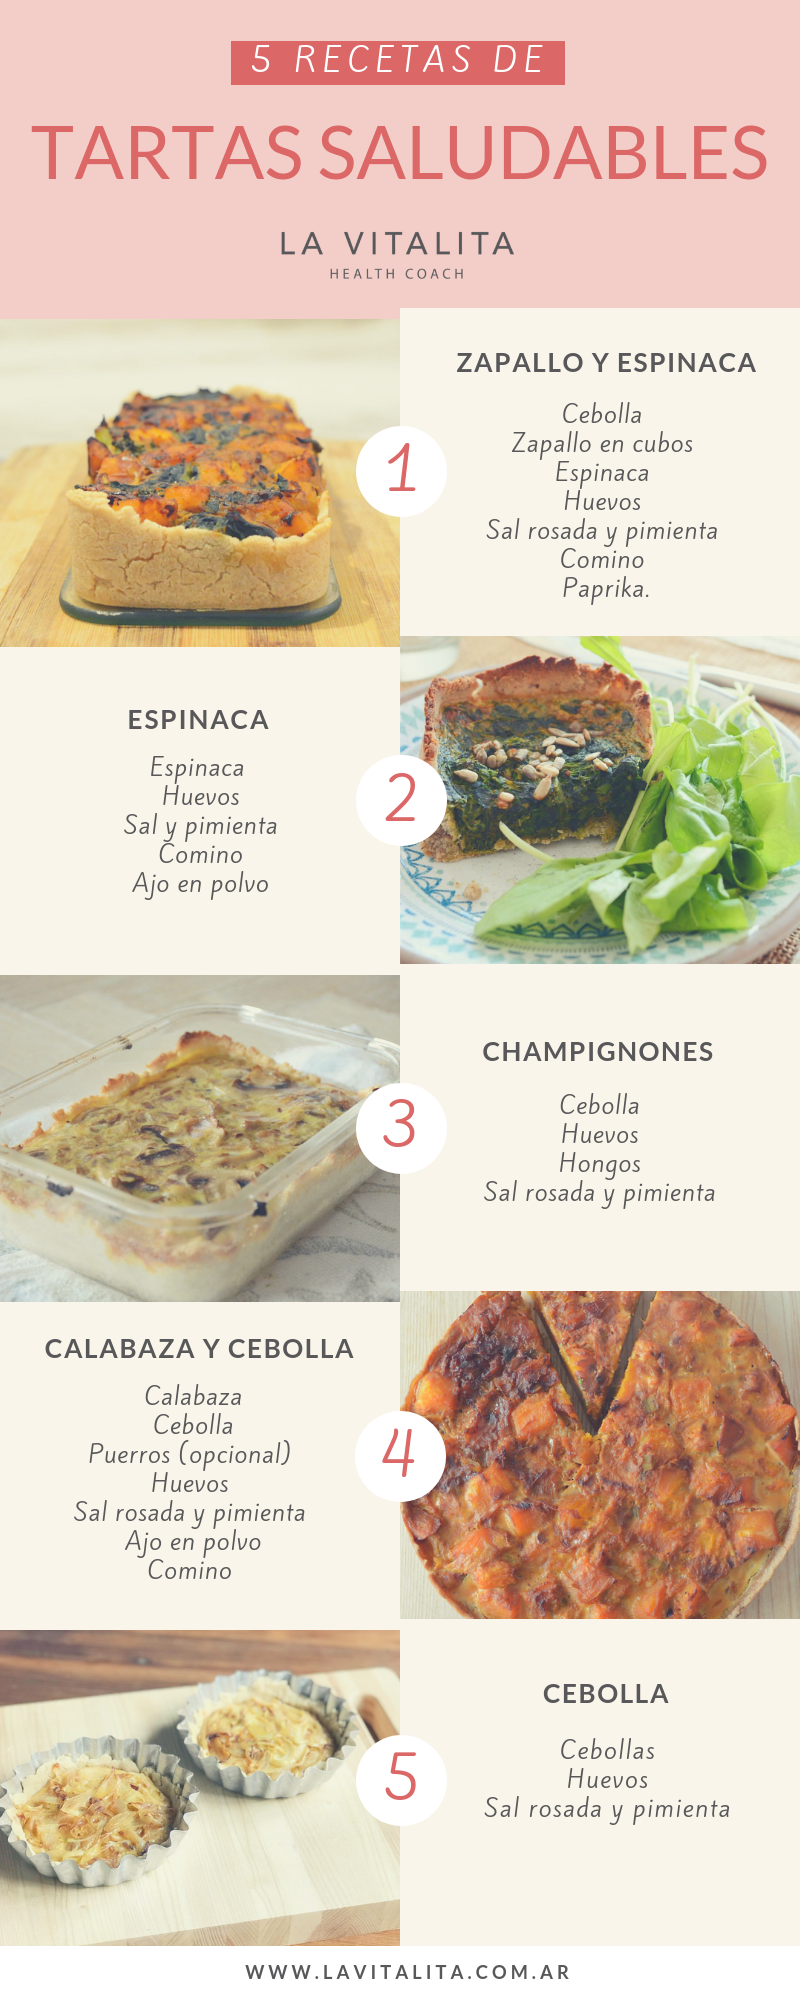 4 Recetas De Tartas Saludables Con Masa Casera Y Sin Gluten Recetas De Comida Comida Vegetariana Recetas Recetas Vegetarianas